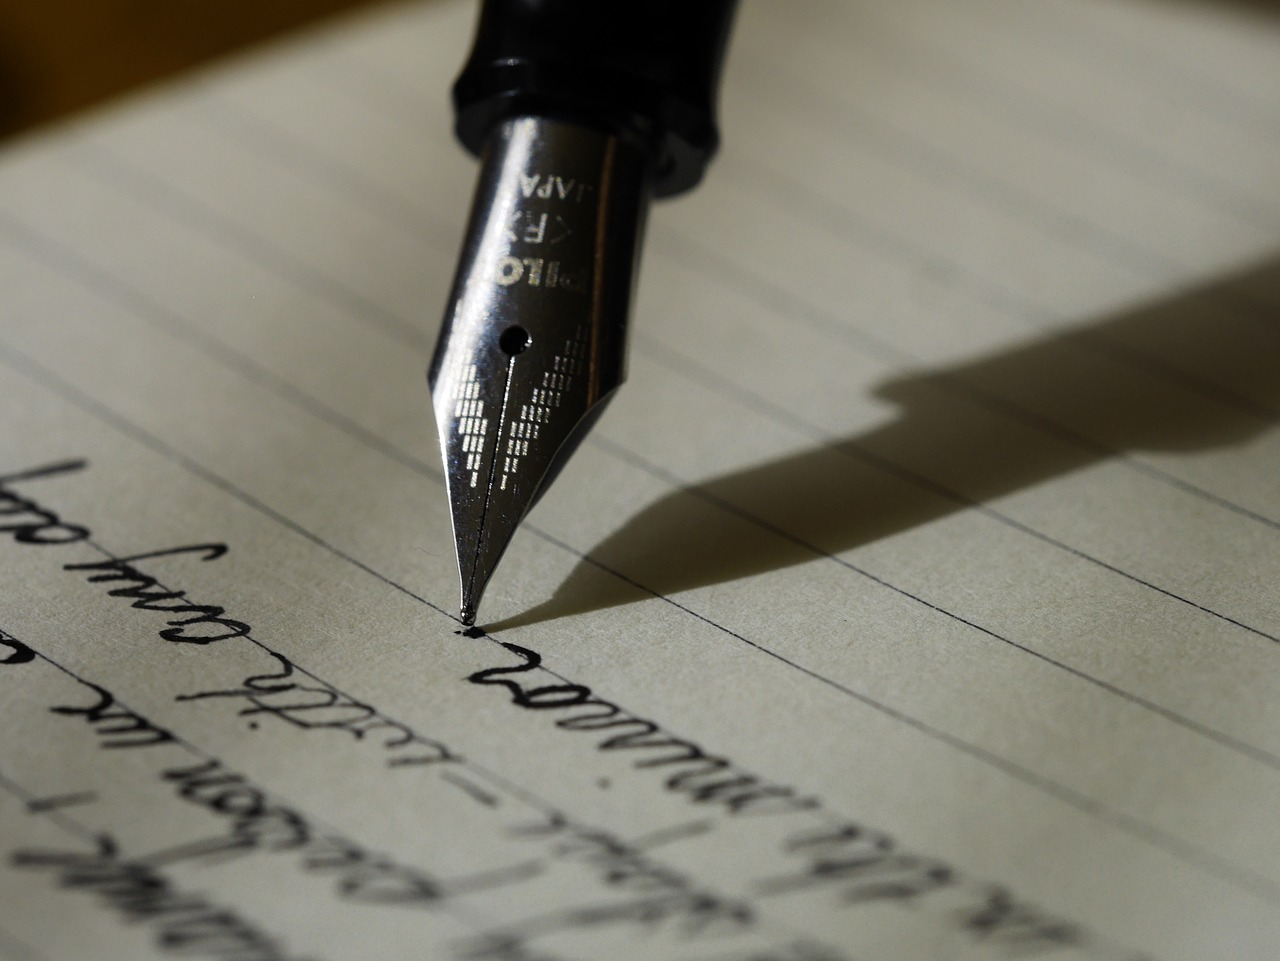 Macam-Macam Paragraf Berdasarkan Letak Kalimat Utama dan Tujuannya